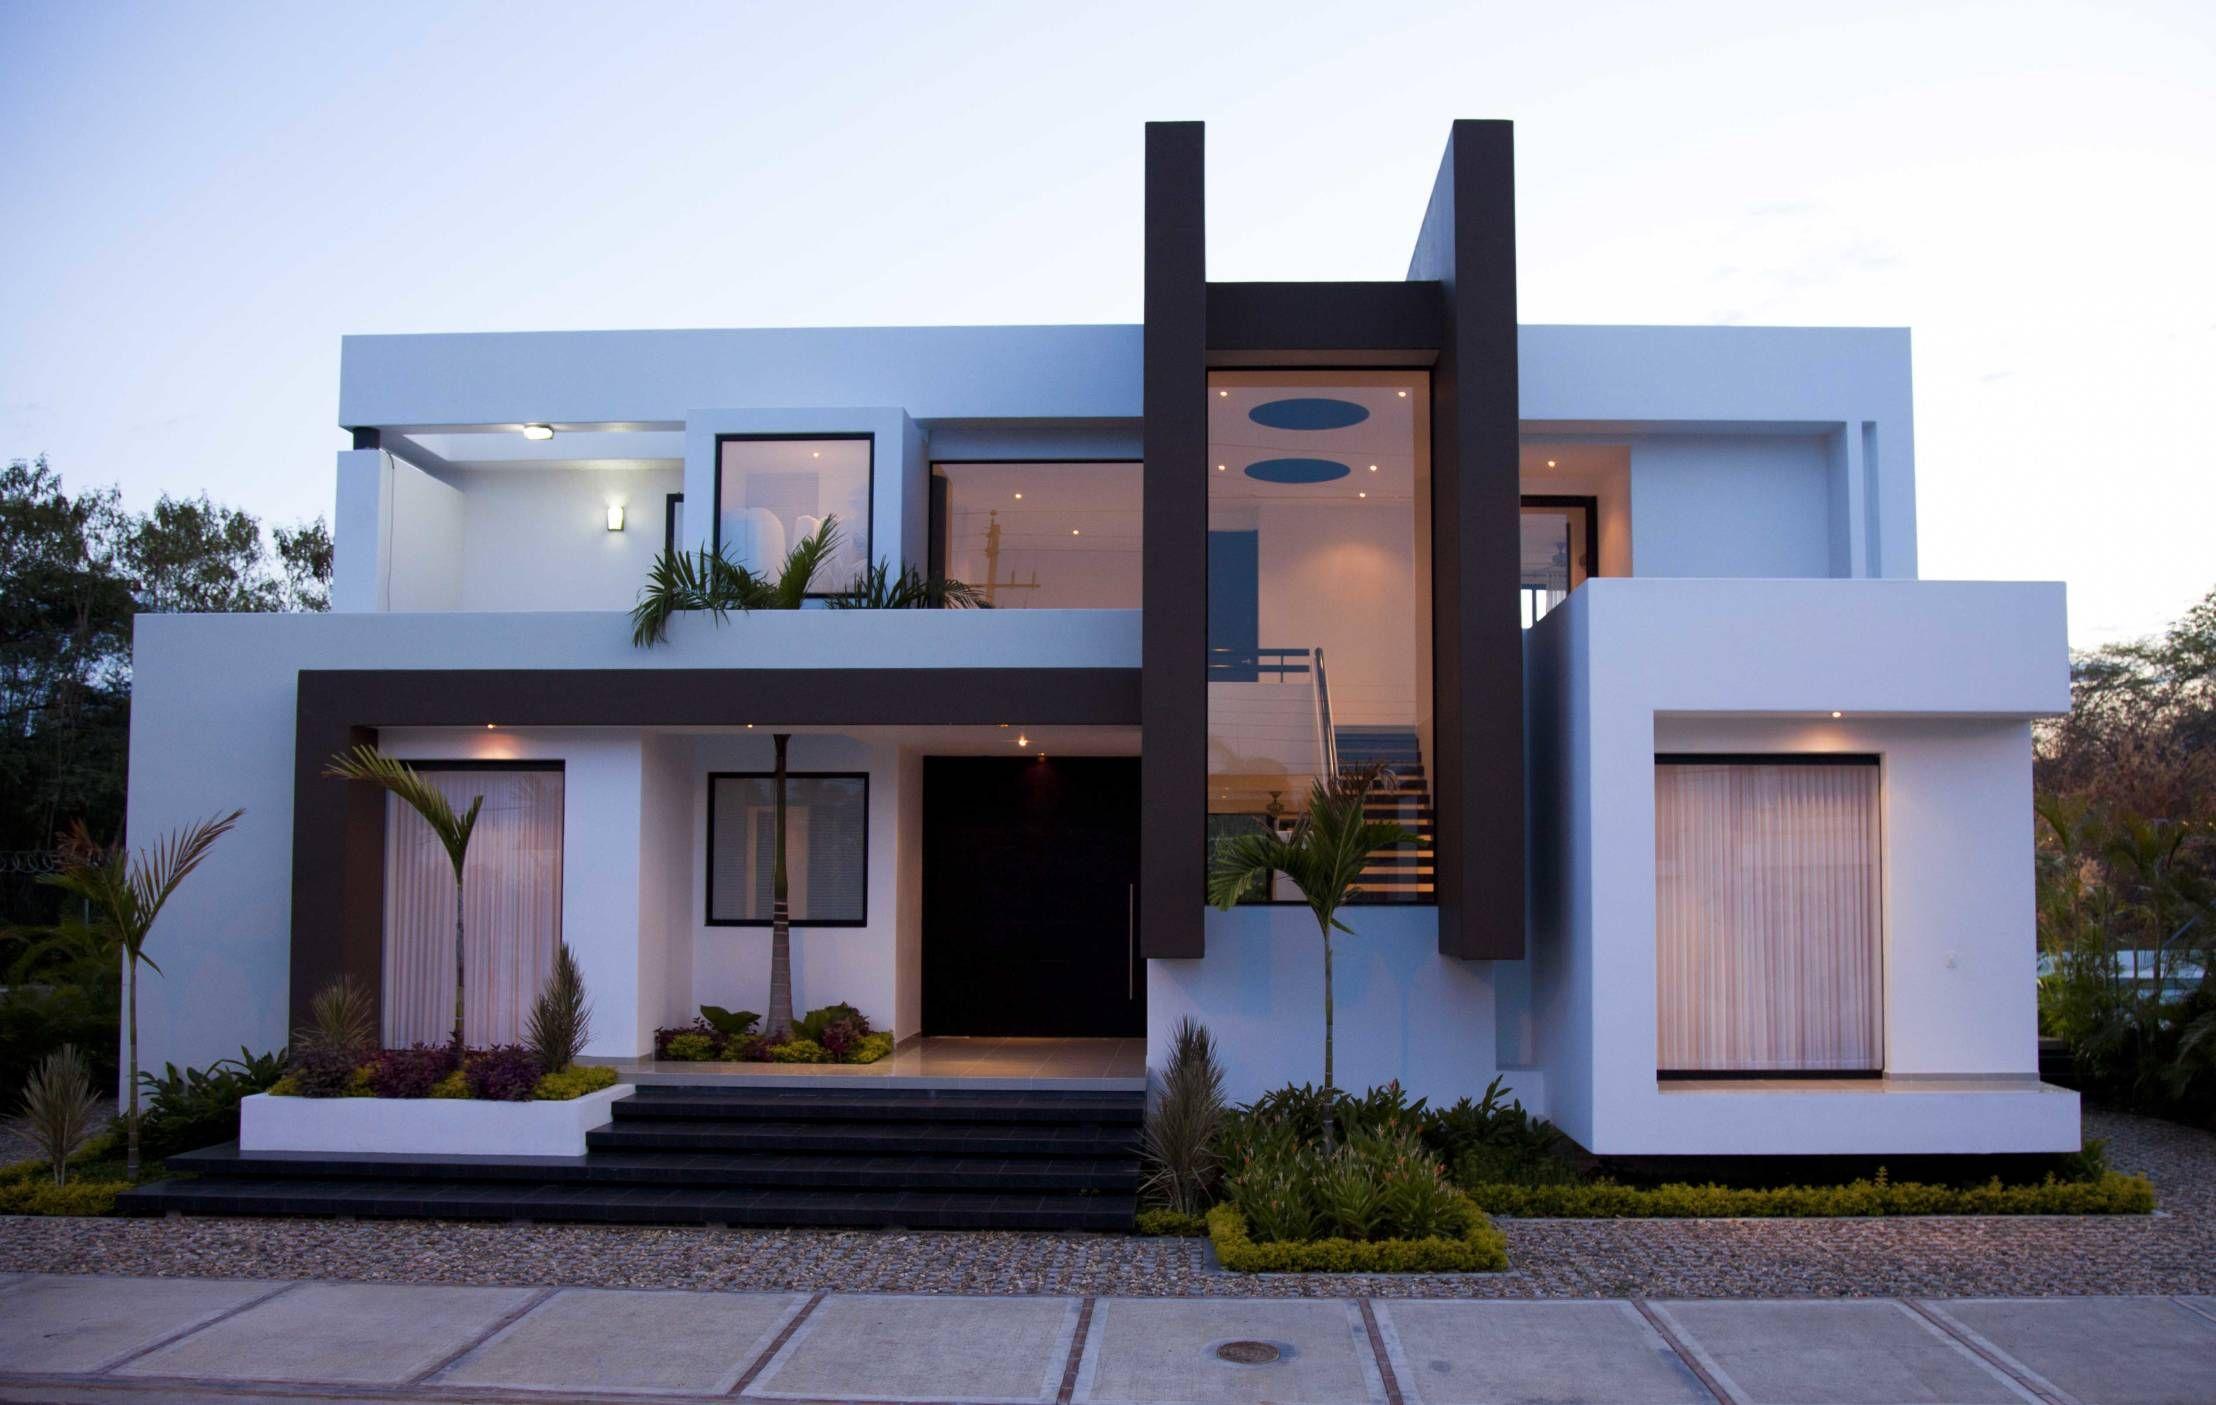 Endlich die Idee für\'s Traumhaus: 7 moderne Häuser zum Staunen